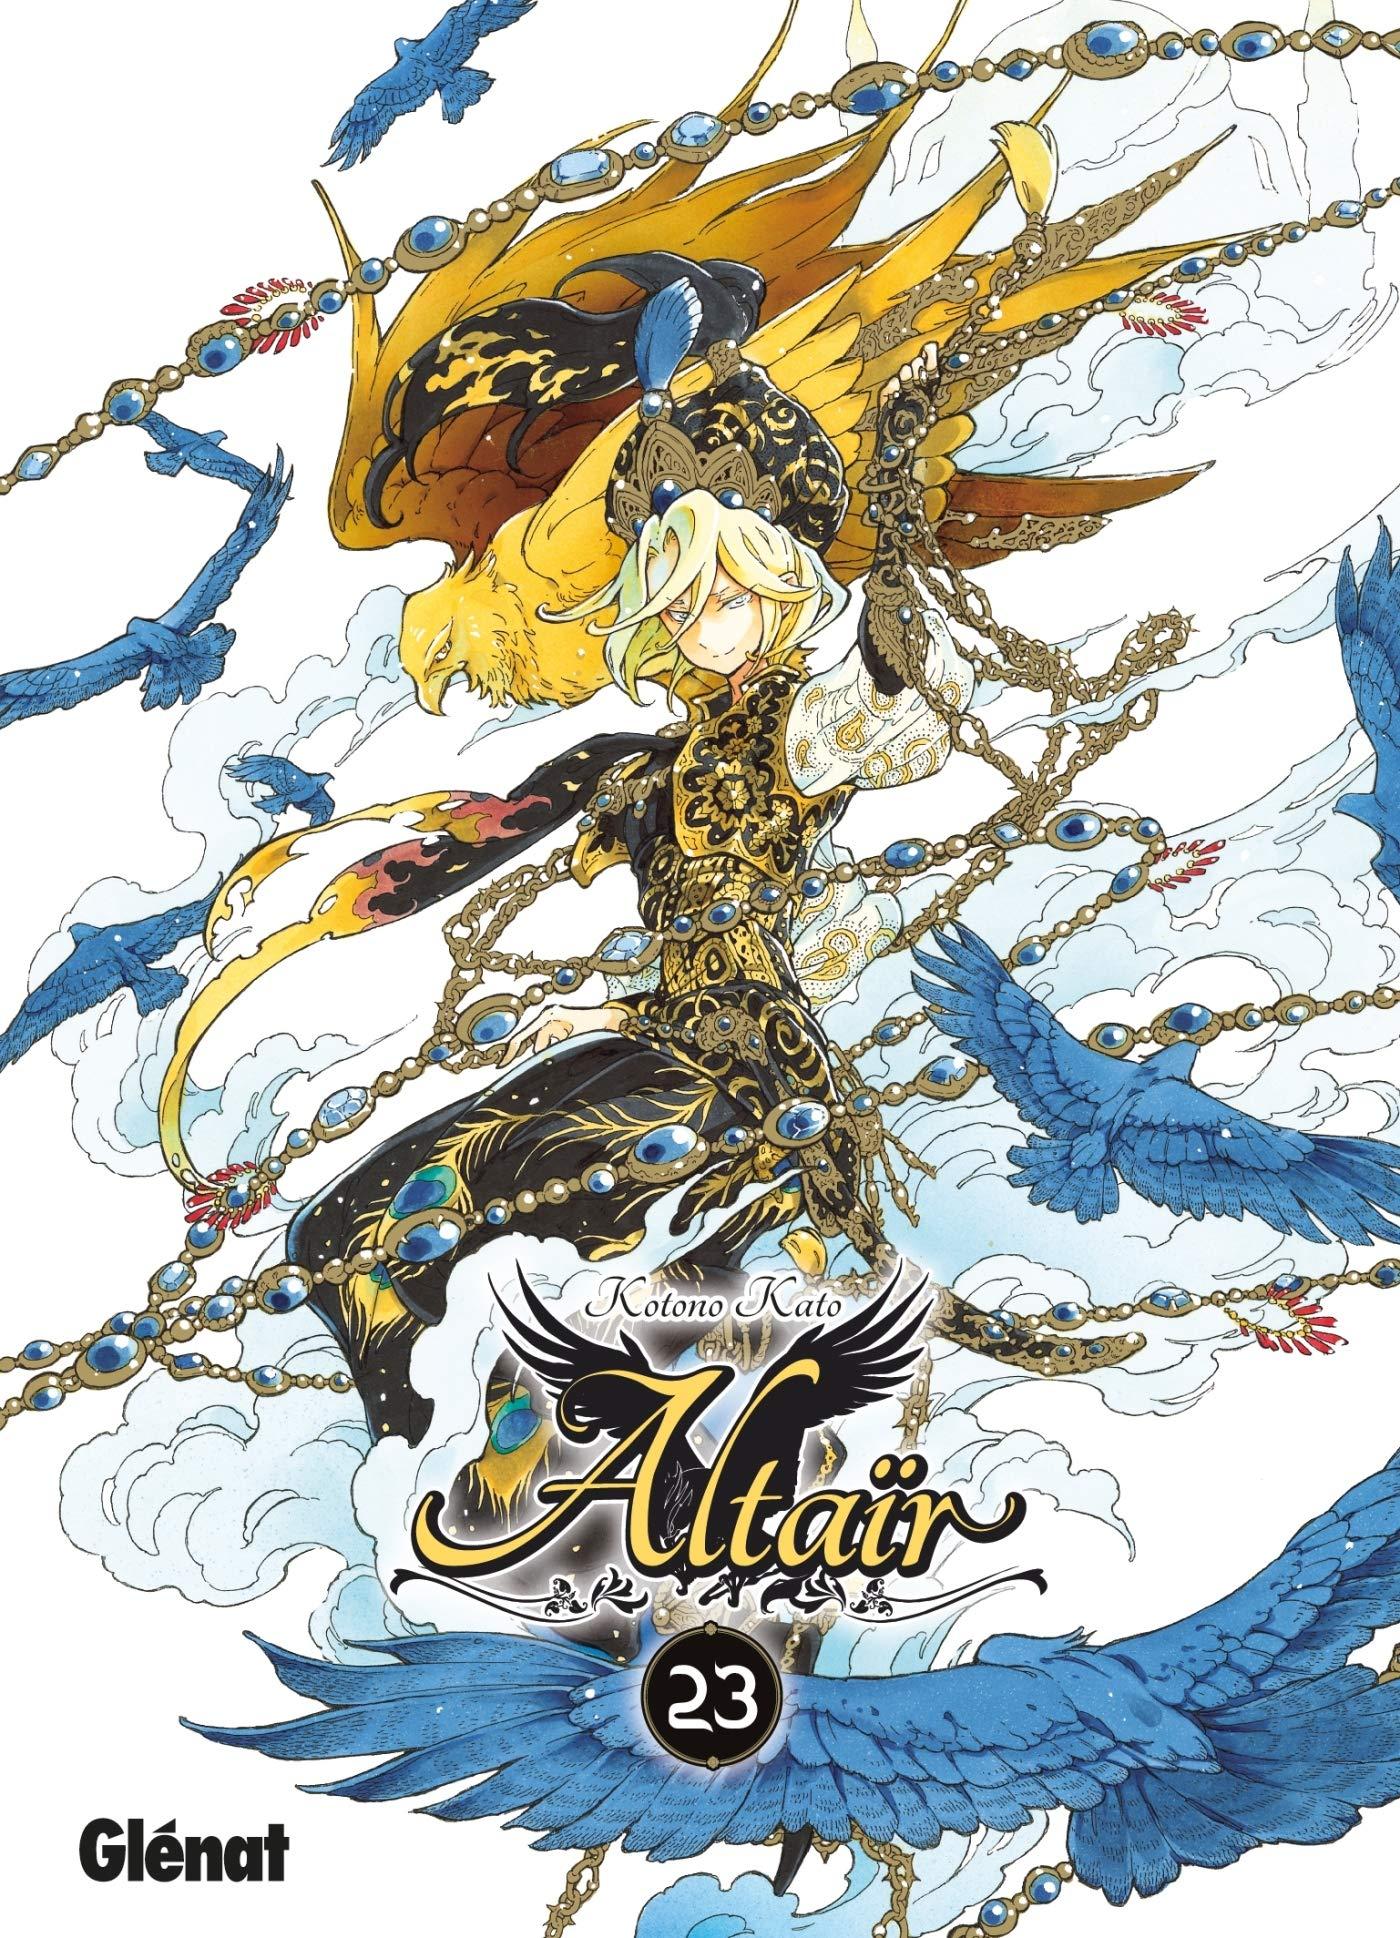 Altaïr 23